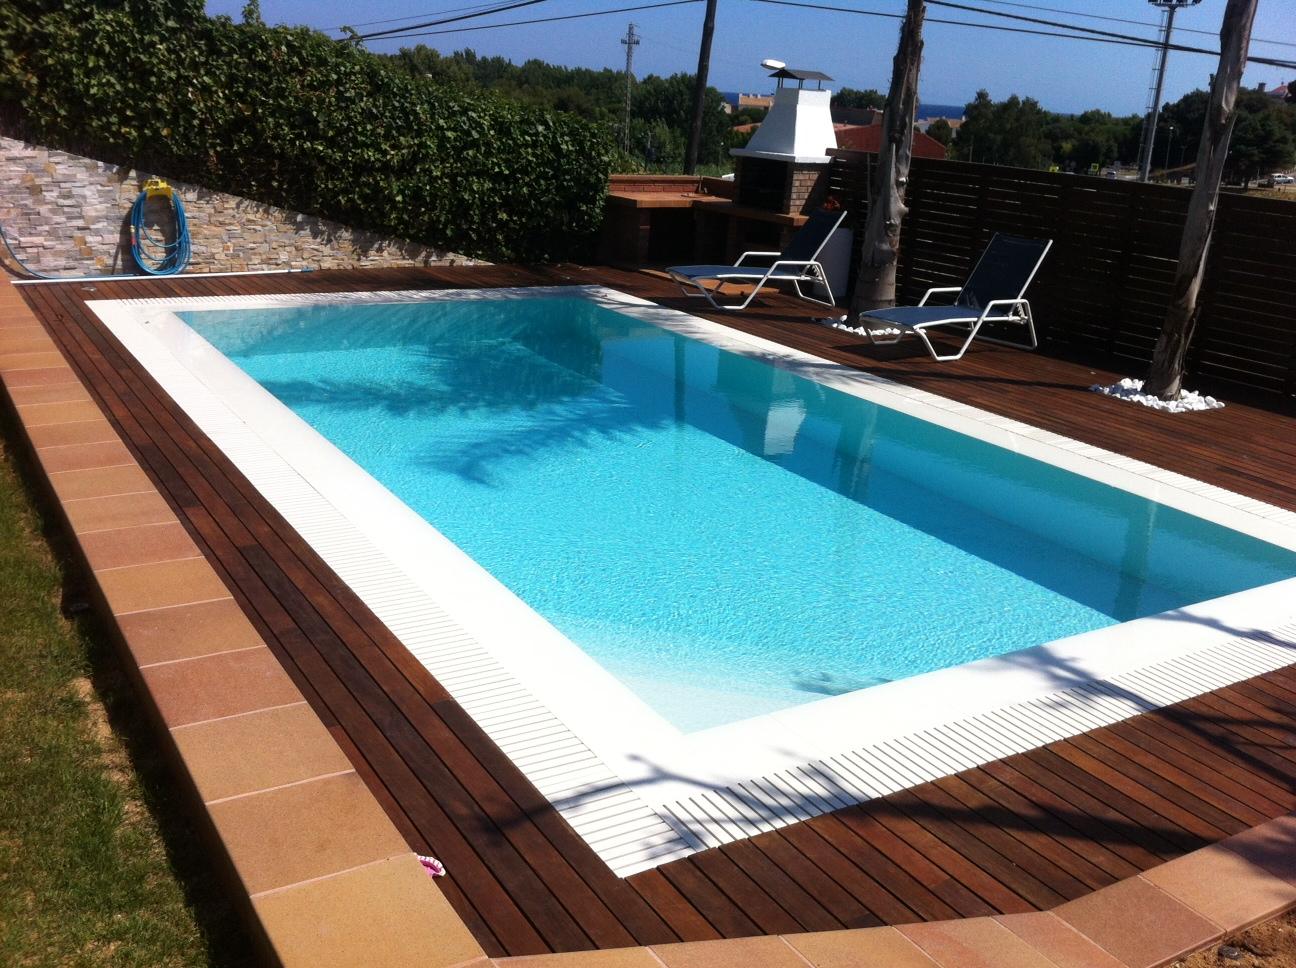 Rosa gres piscina blanca agua azul caribe for Gres de breda para piscinas